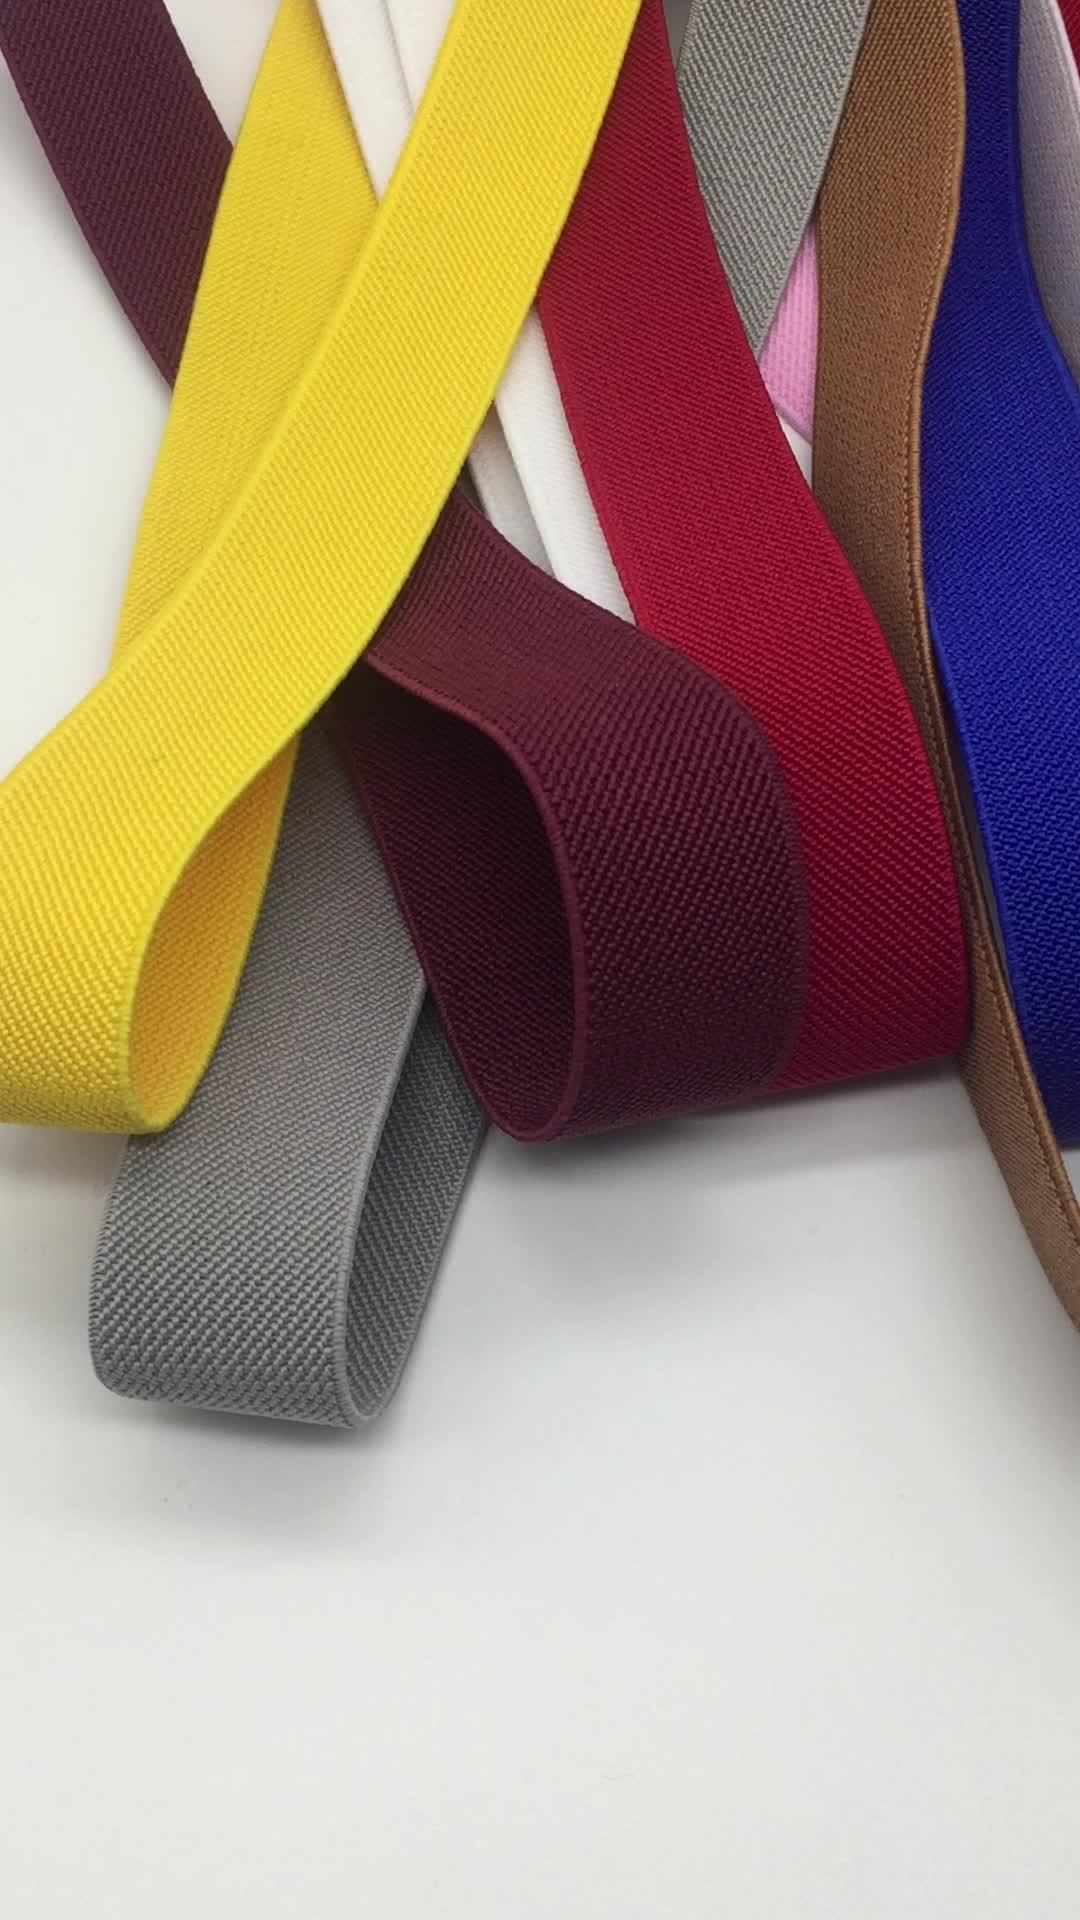 2020 새로운 스타일 25mm 탄성 리본 2cm 맞춤 솔리드 능직 탄성 밴드